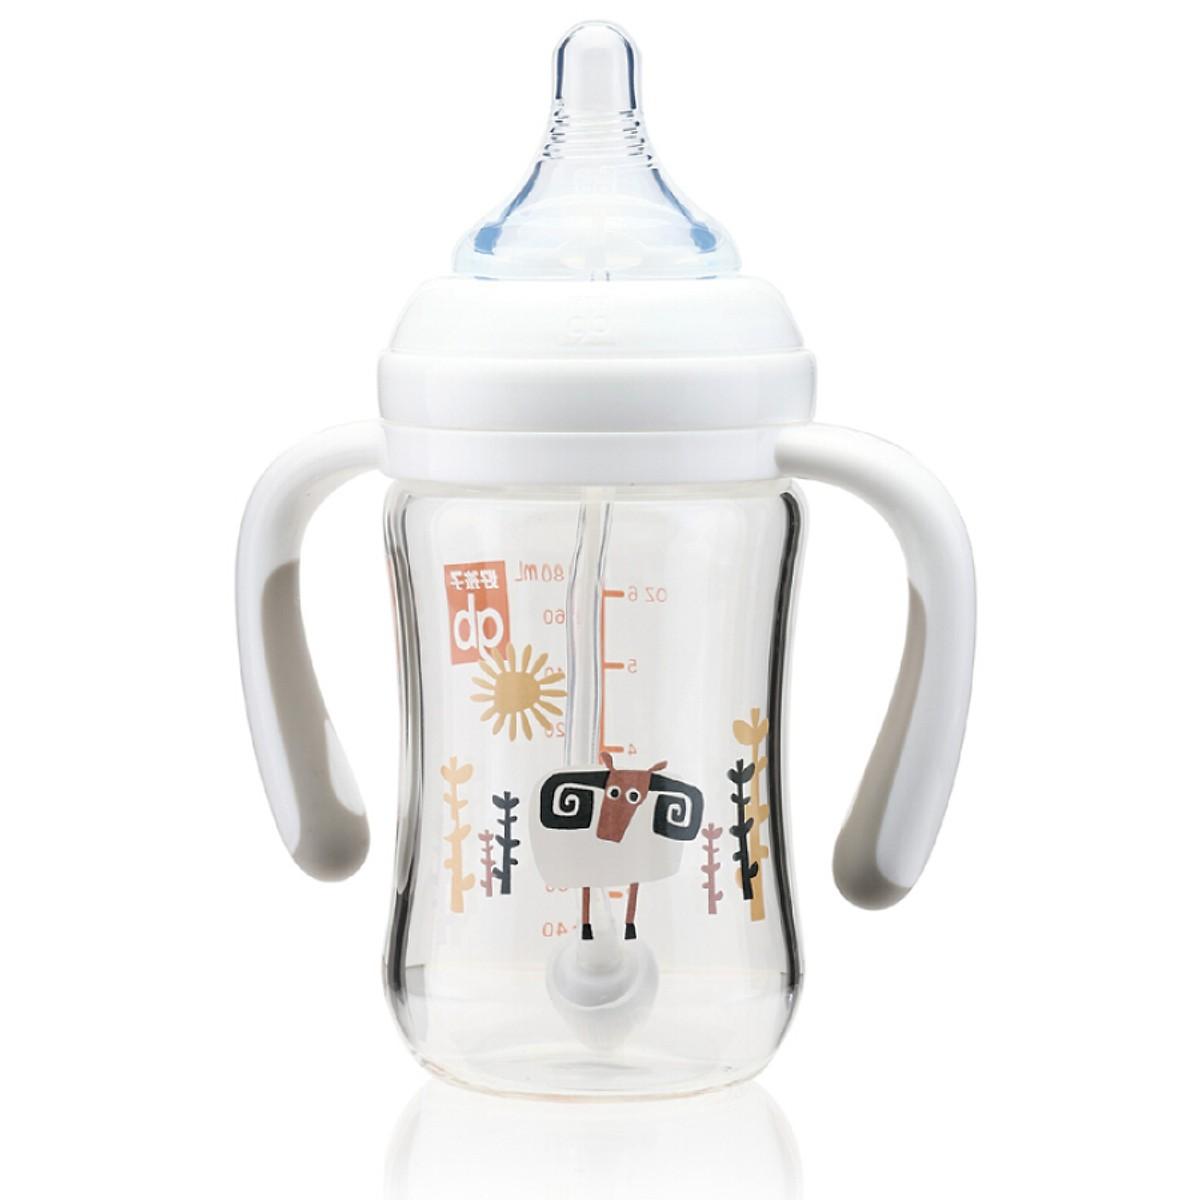 Bình Đựng Sữa Có Ống Hút GB